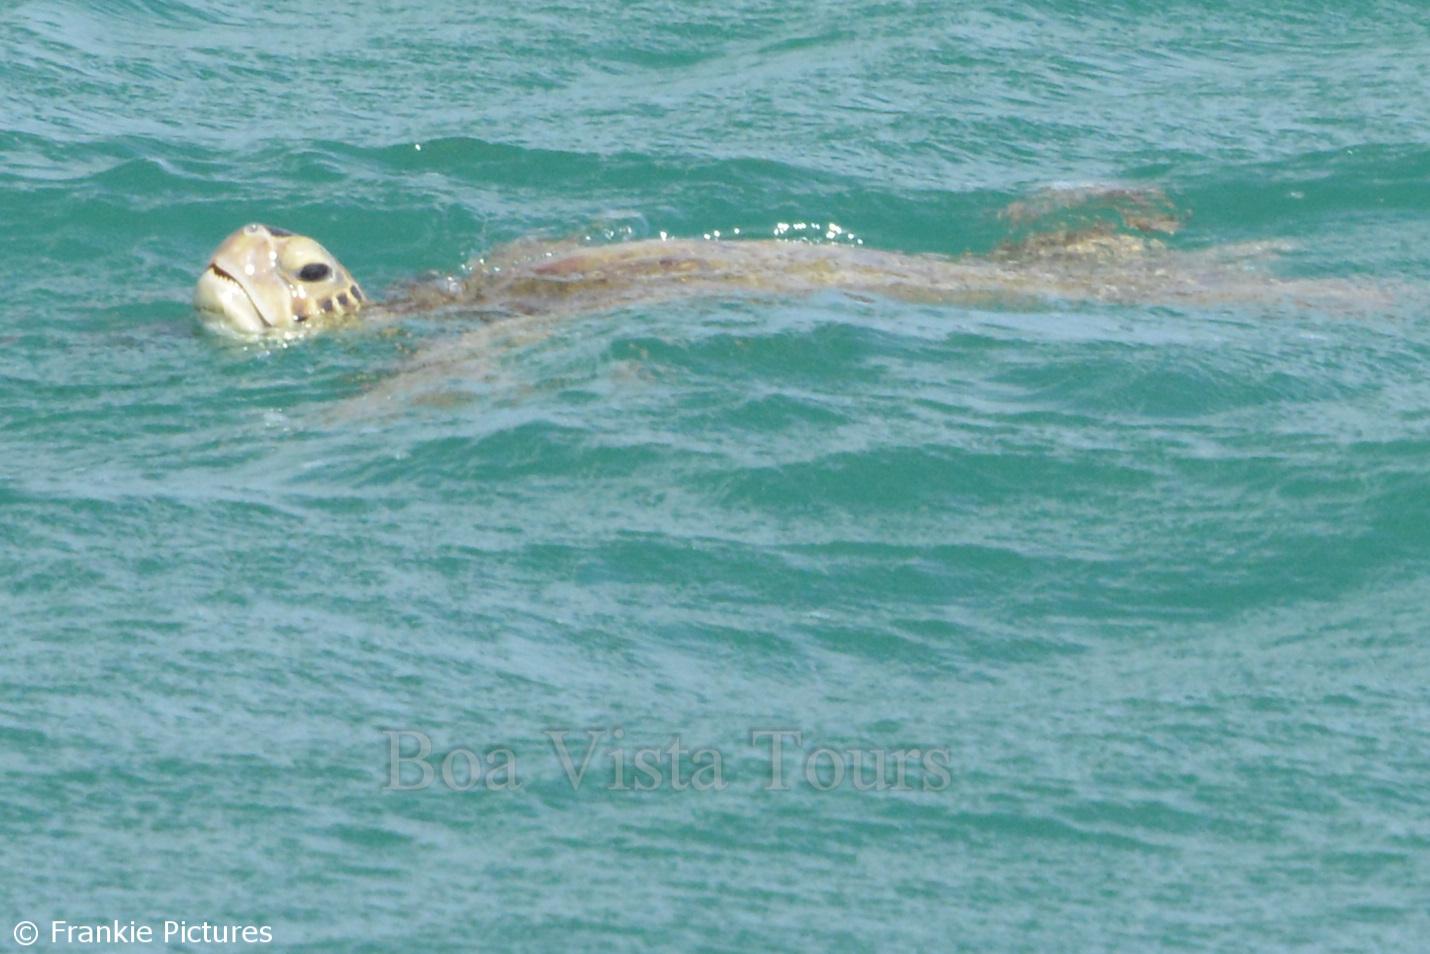 manchmal sehen wir auch eine Schildkröte